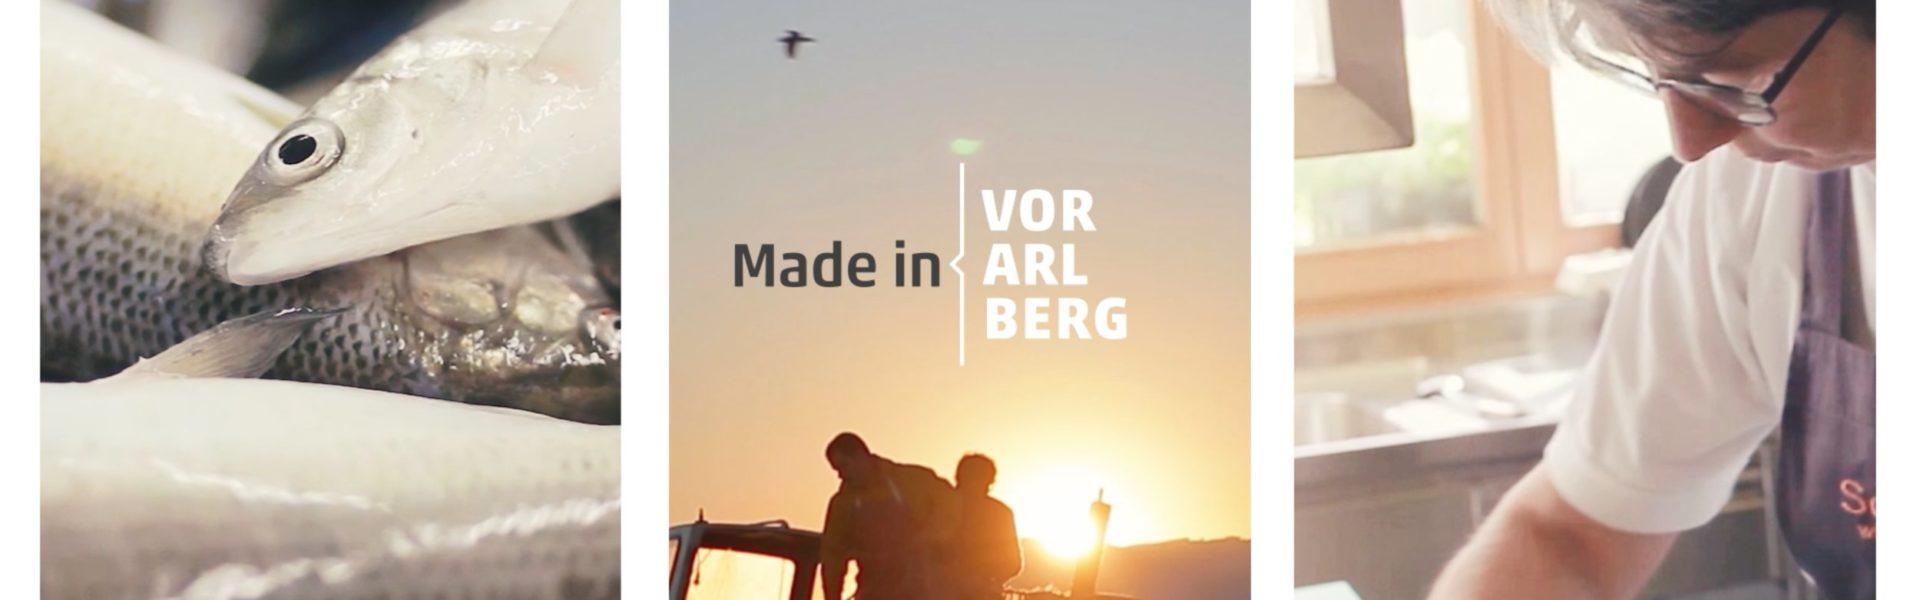 Fischerei Bösch, Made in Vorarlberg, Video © Markus Gmeiner, Matak films / Vorarlberg Tourismus GmbH